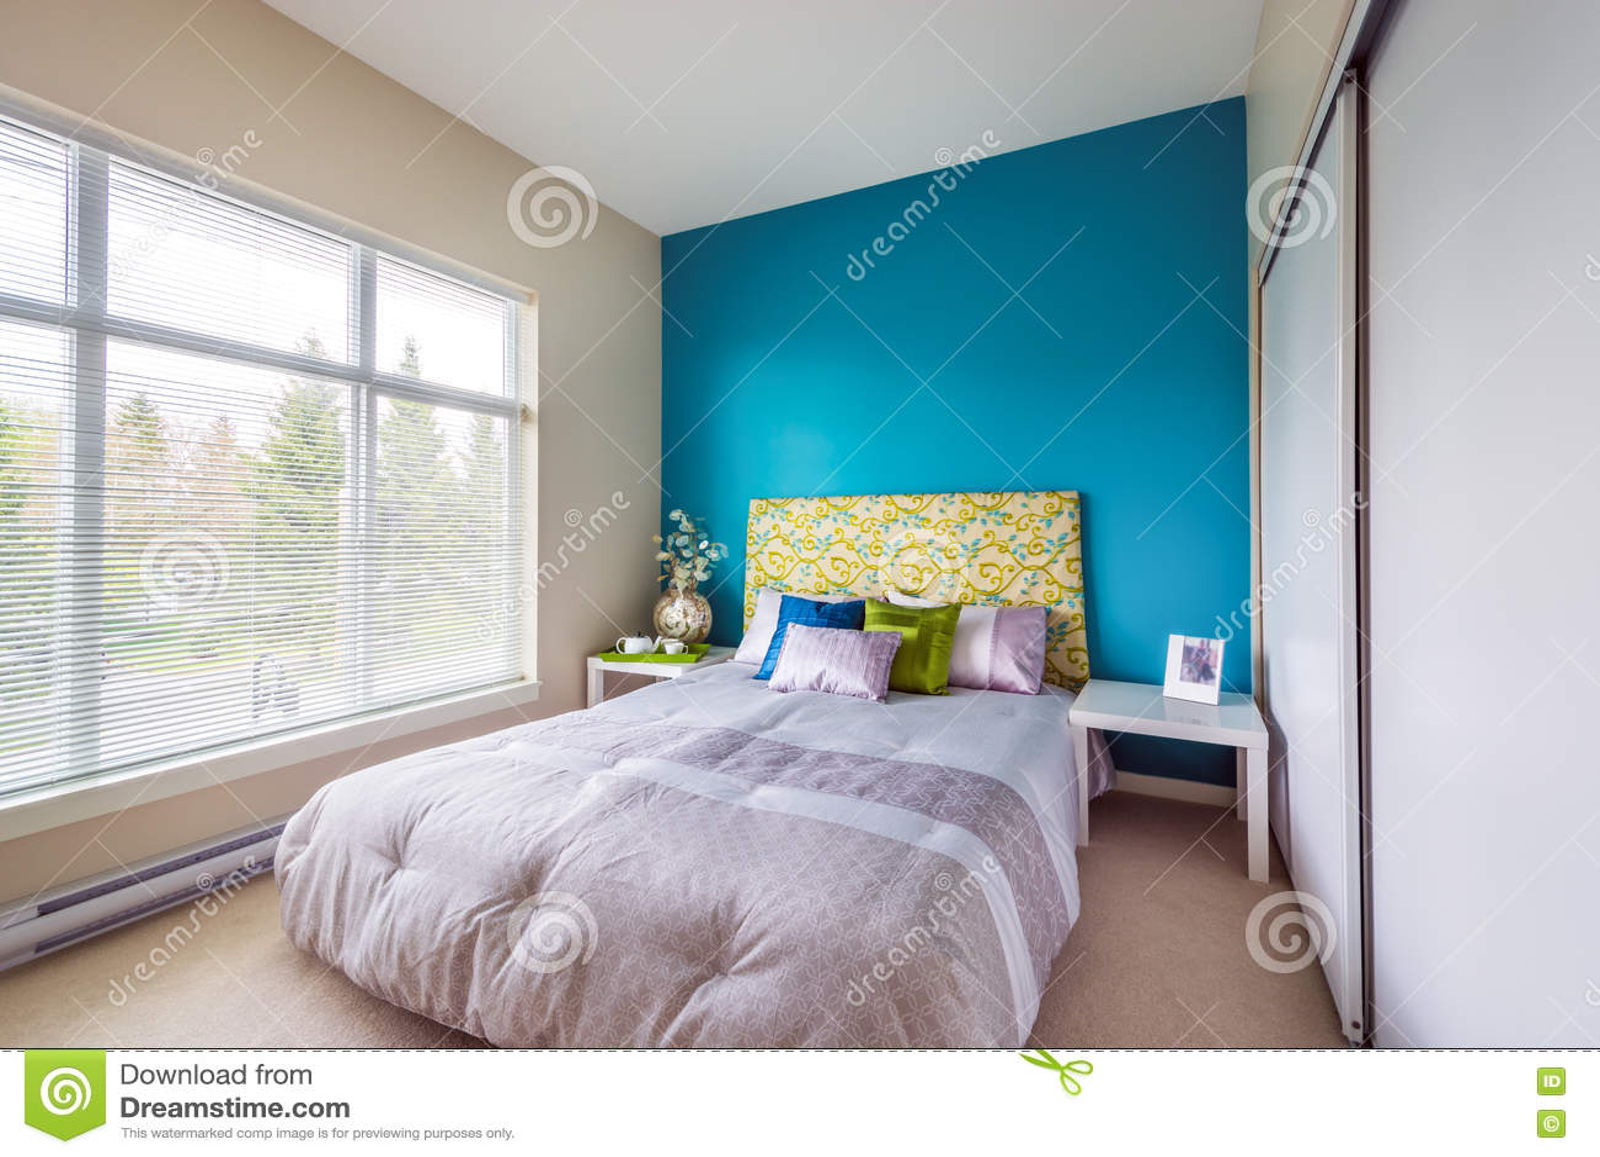 Download Современный голубой интерьер спальни Стоковое Фото - изображение насчитывающей конструктор, конструкция: 72281952